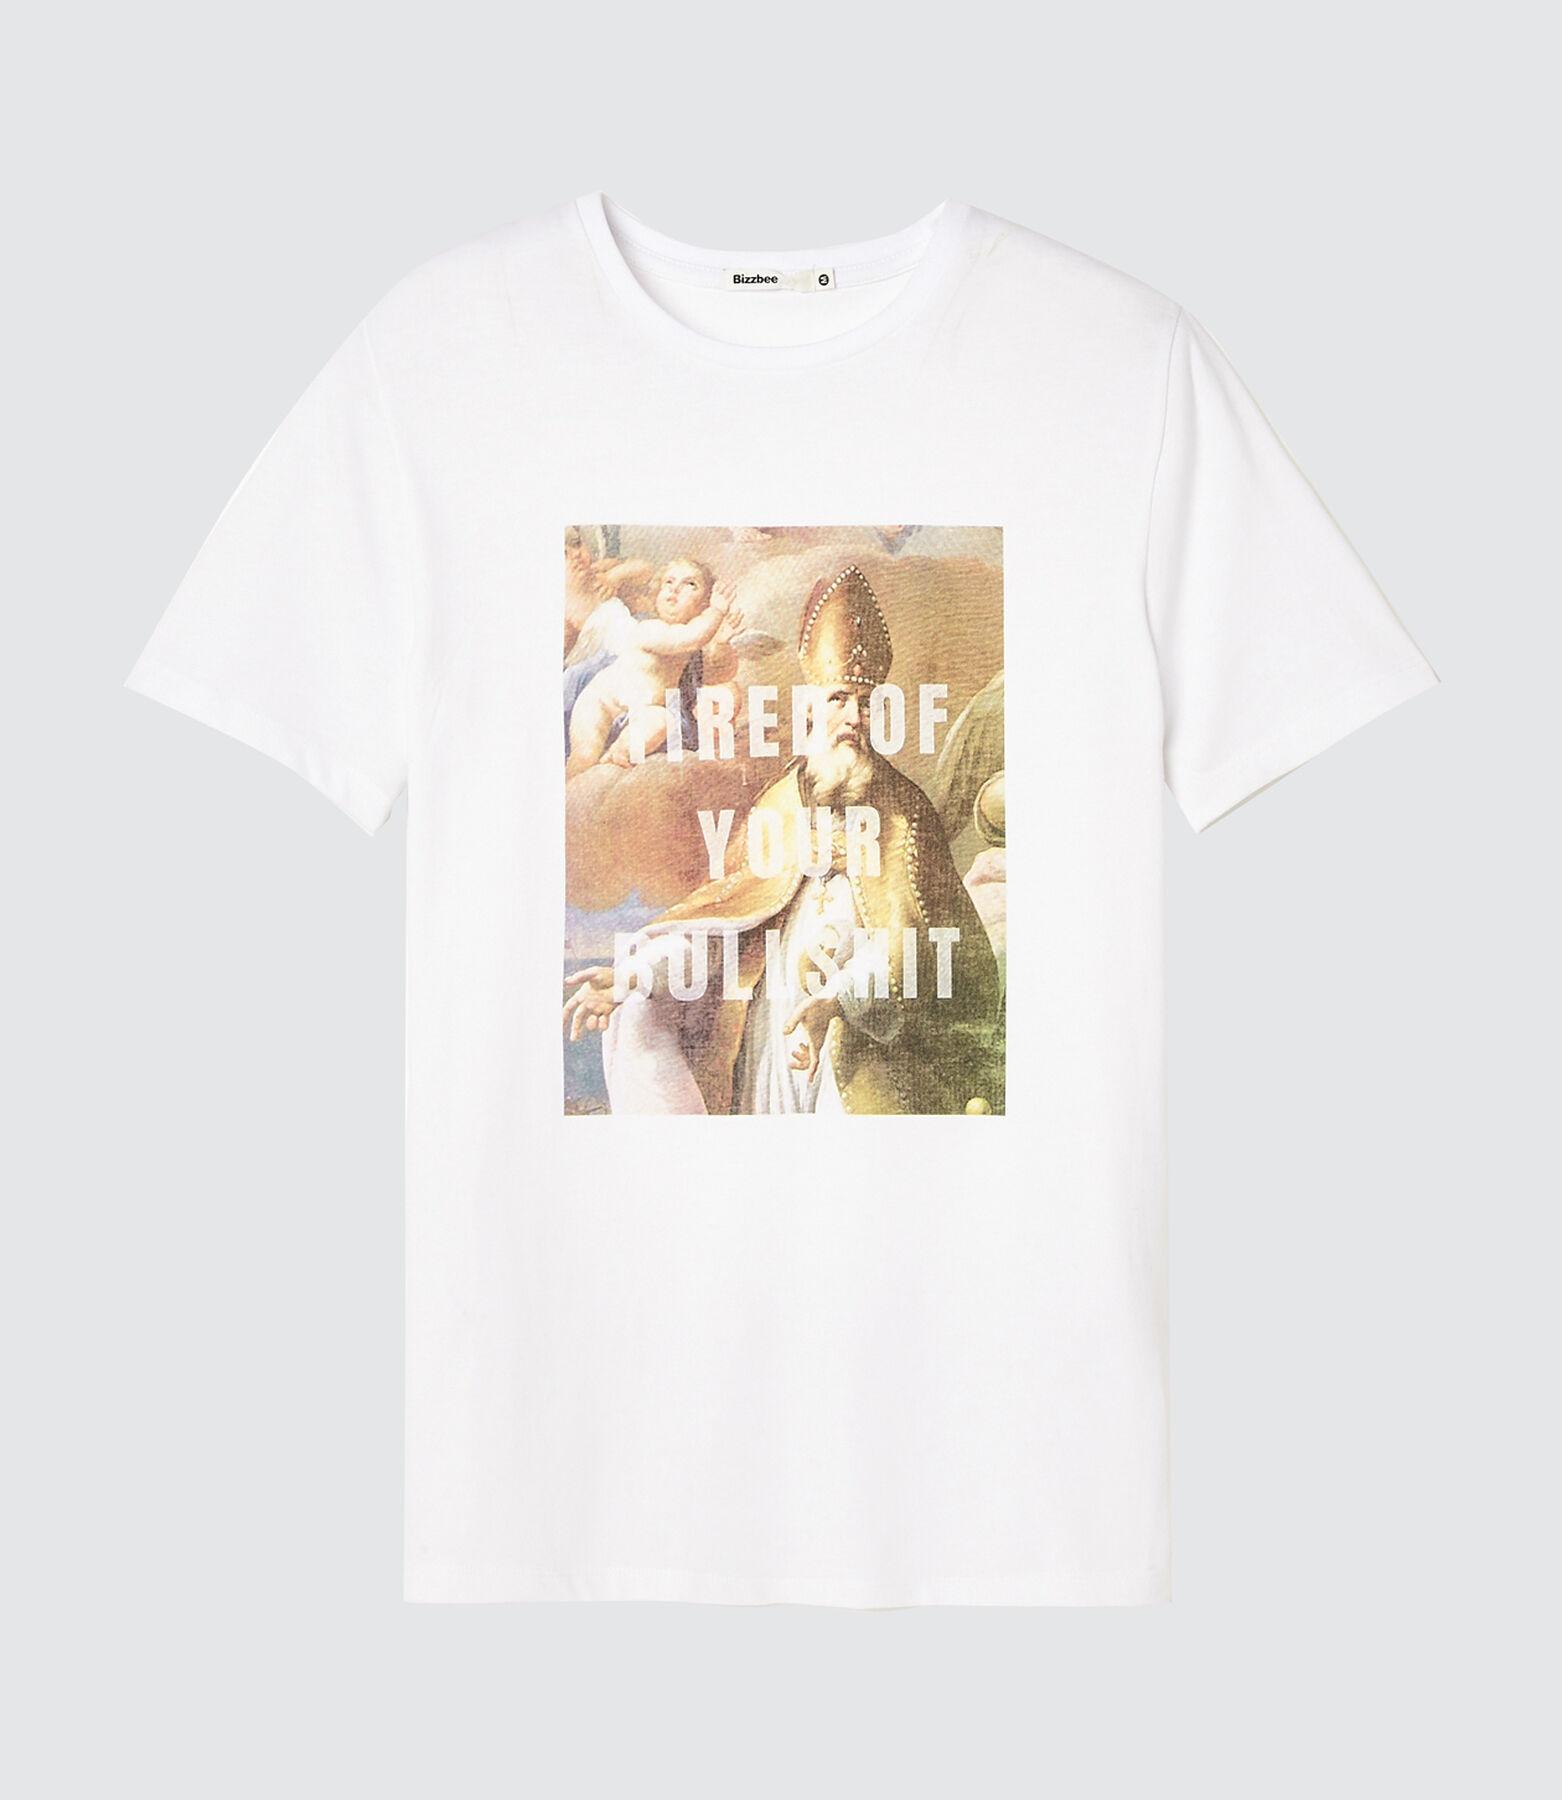 """T-shirt """"Tired of your bullshit"""""""